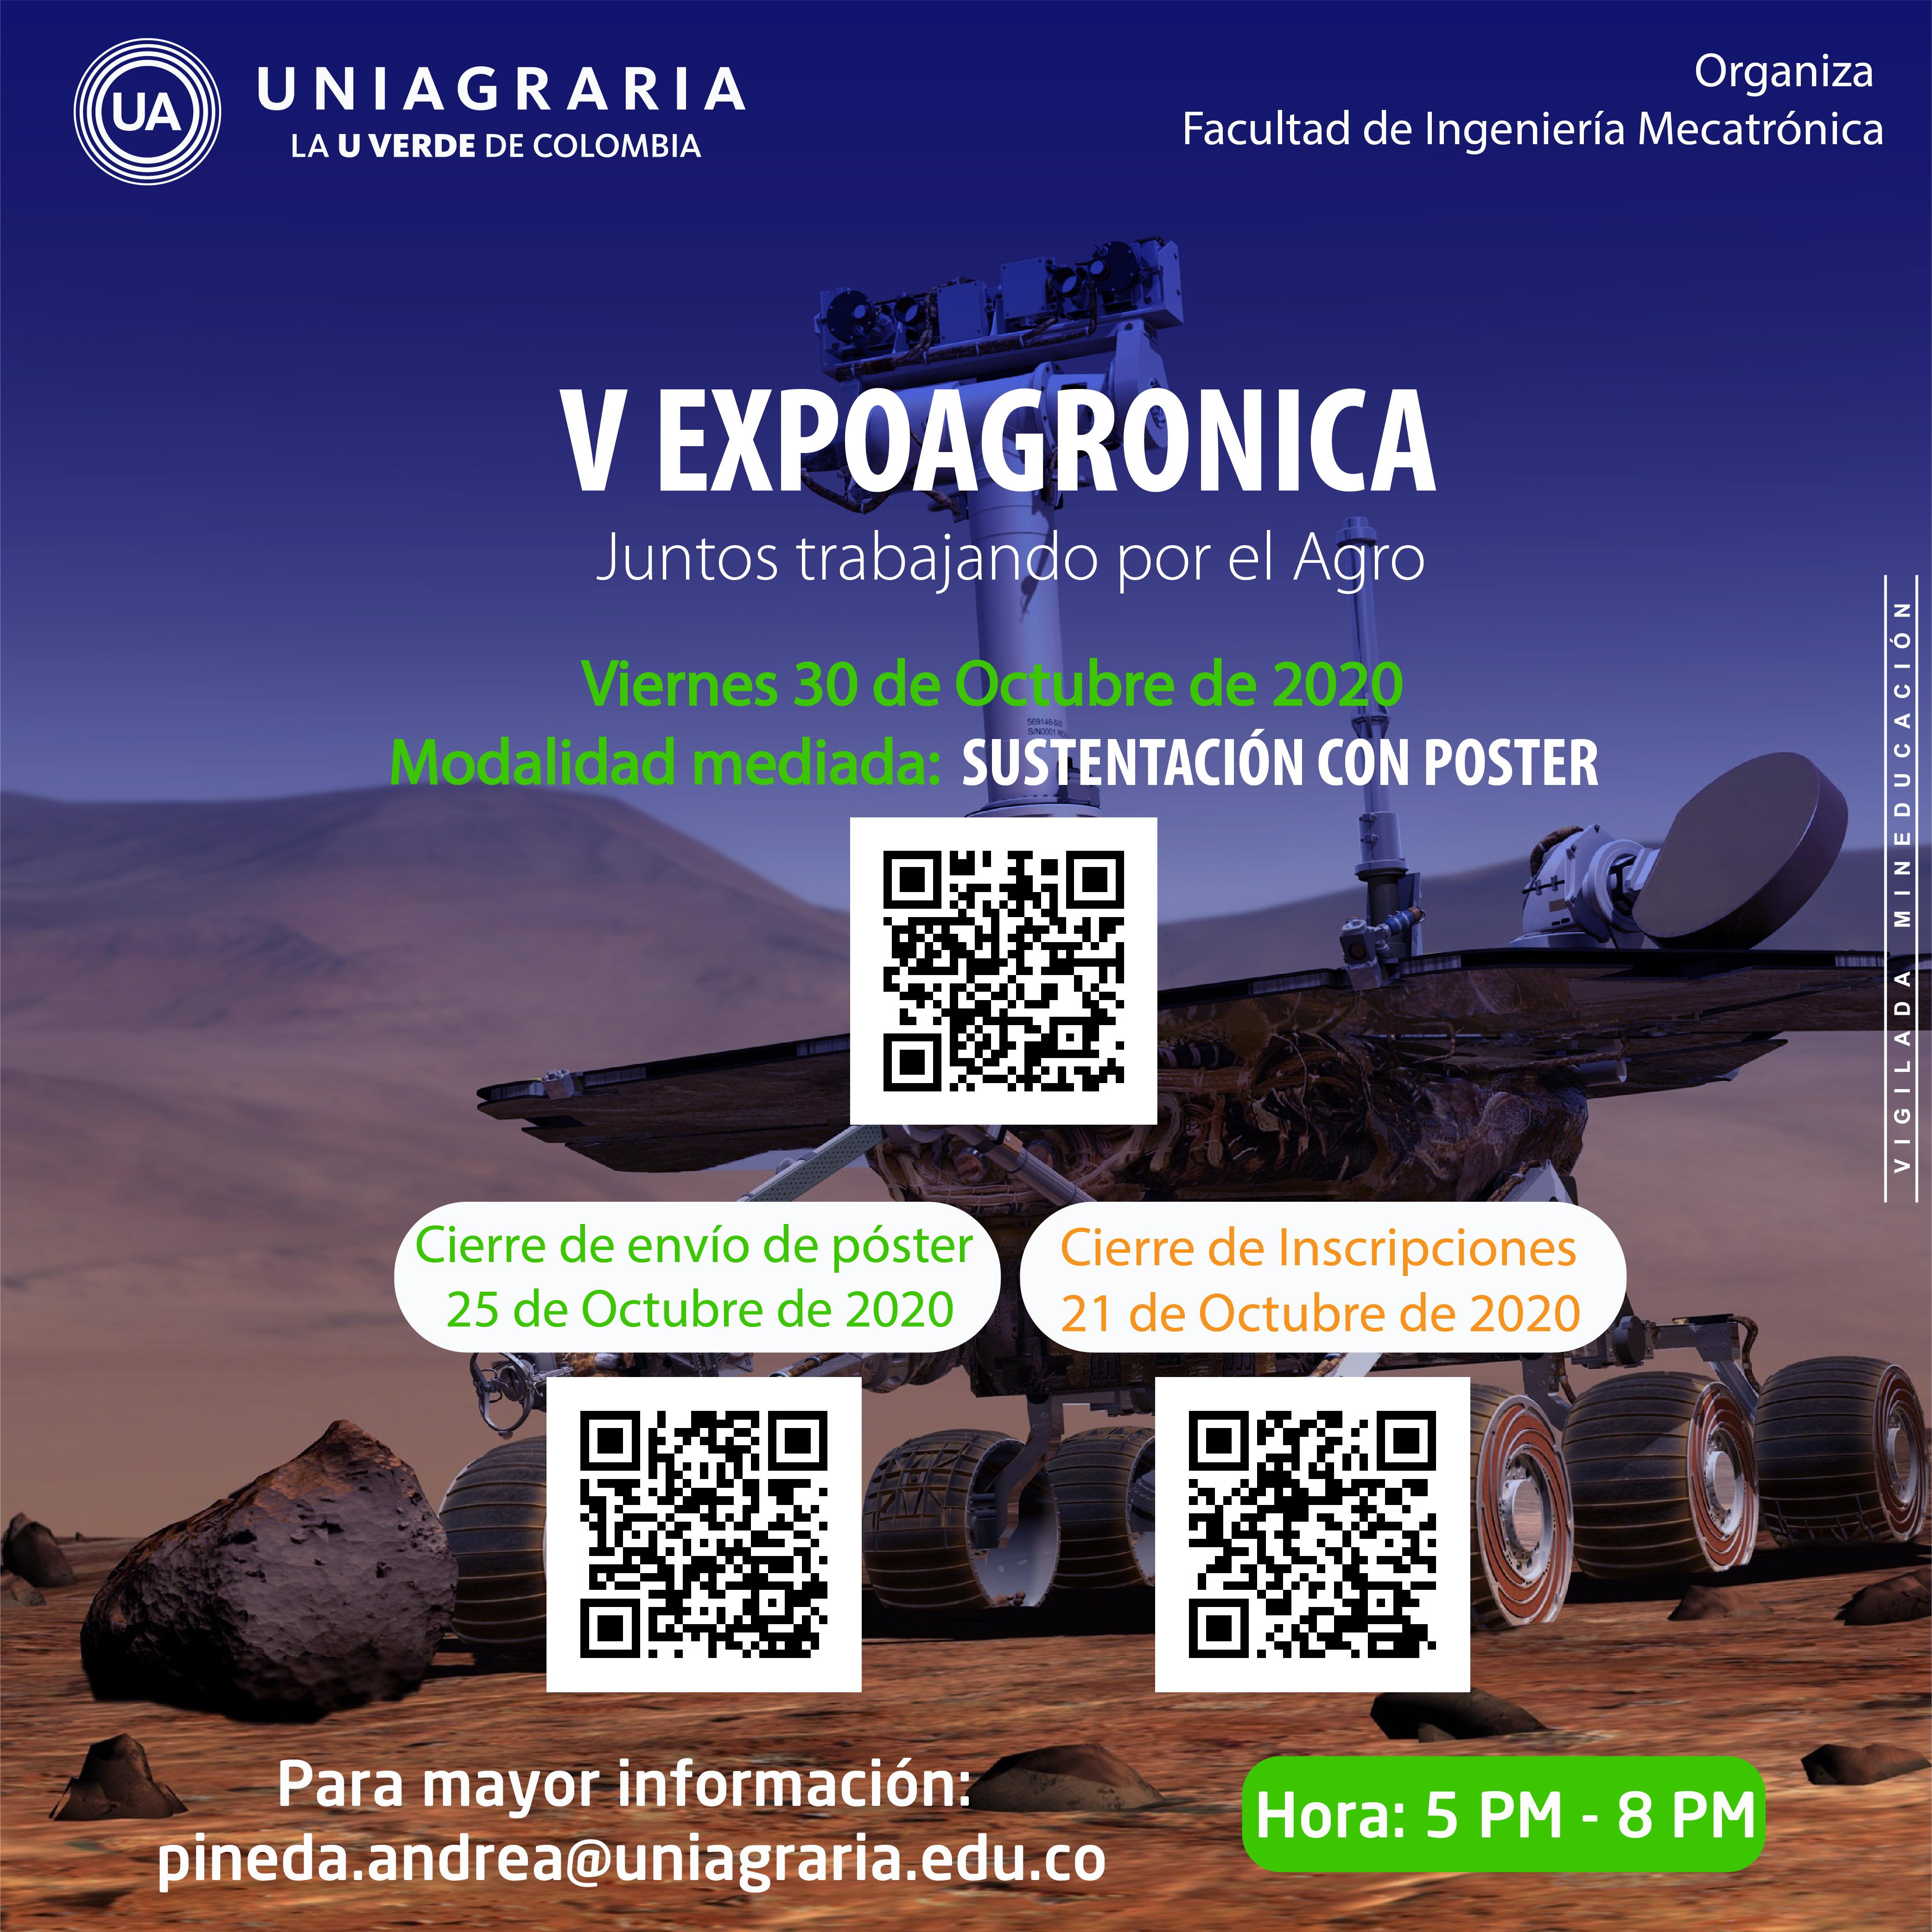 V Expoagronica